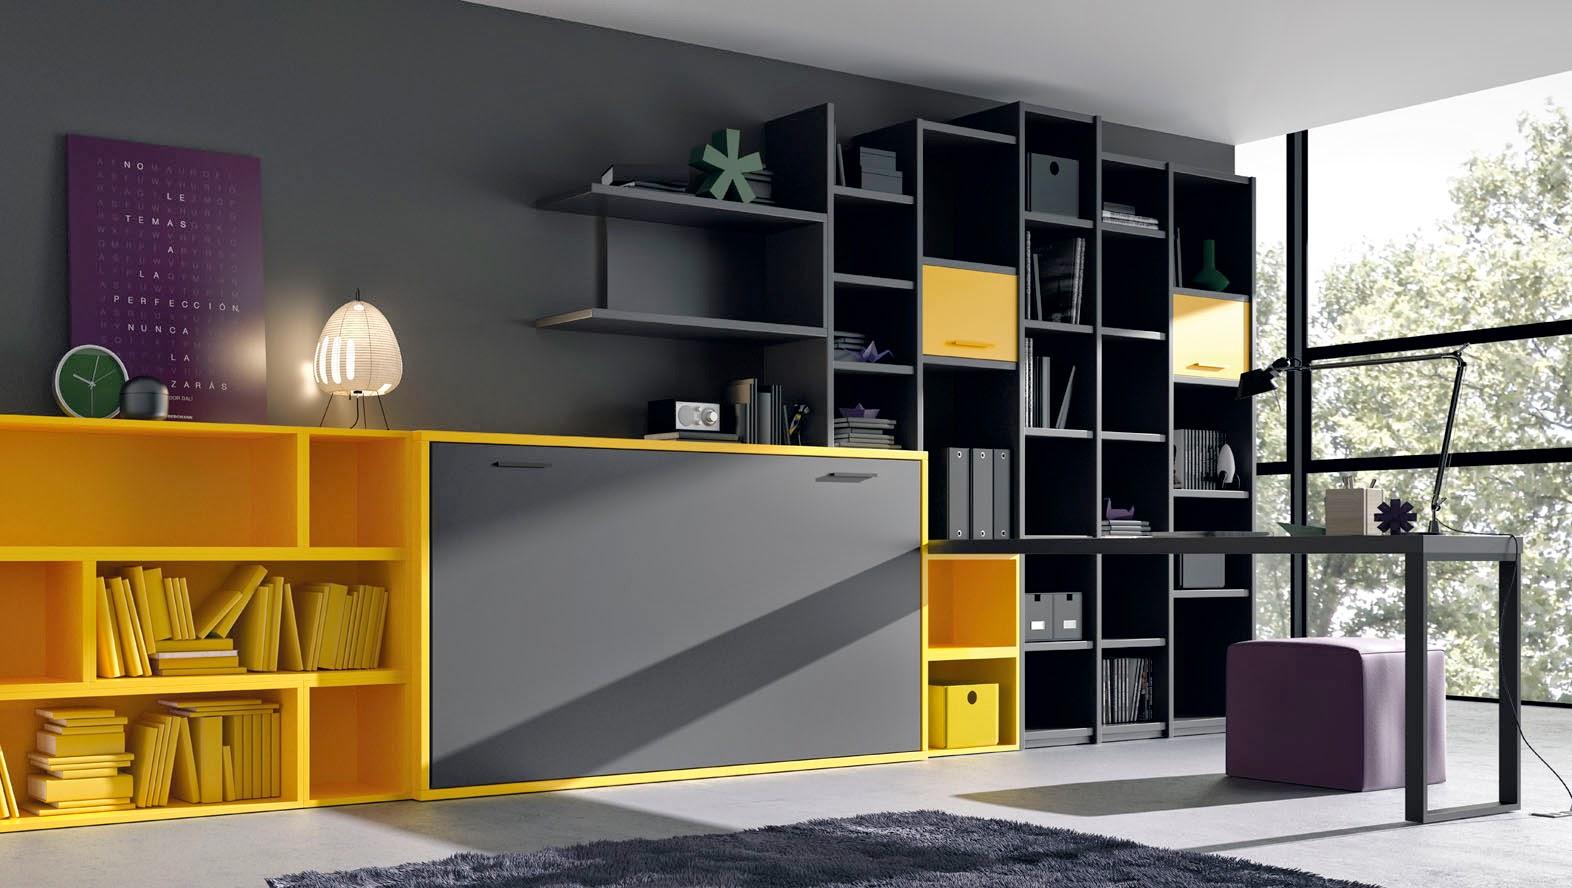 Cama abatible horizontal disponible para medida de cama de 105 y largo de 180 190 200 cms - Camas abatibles en madrid ...